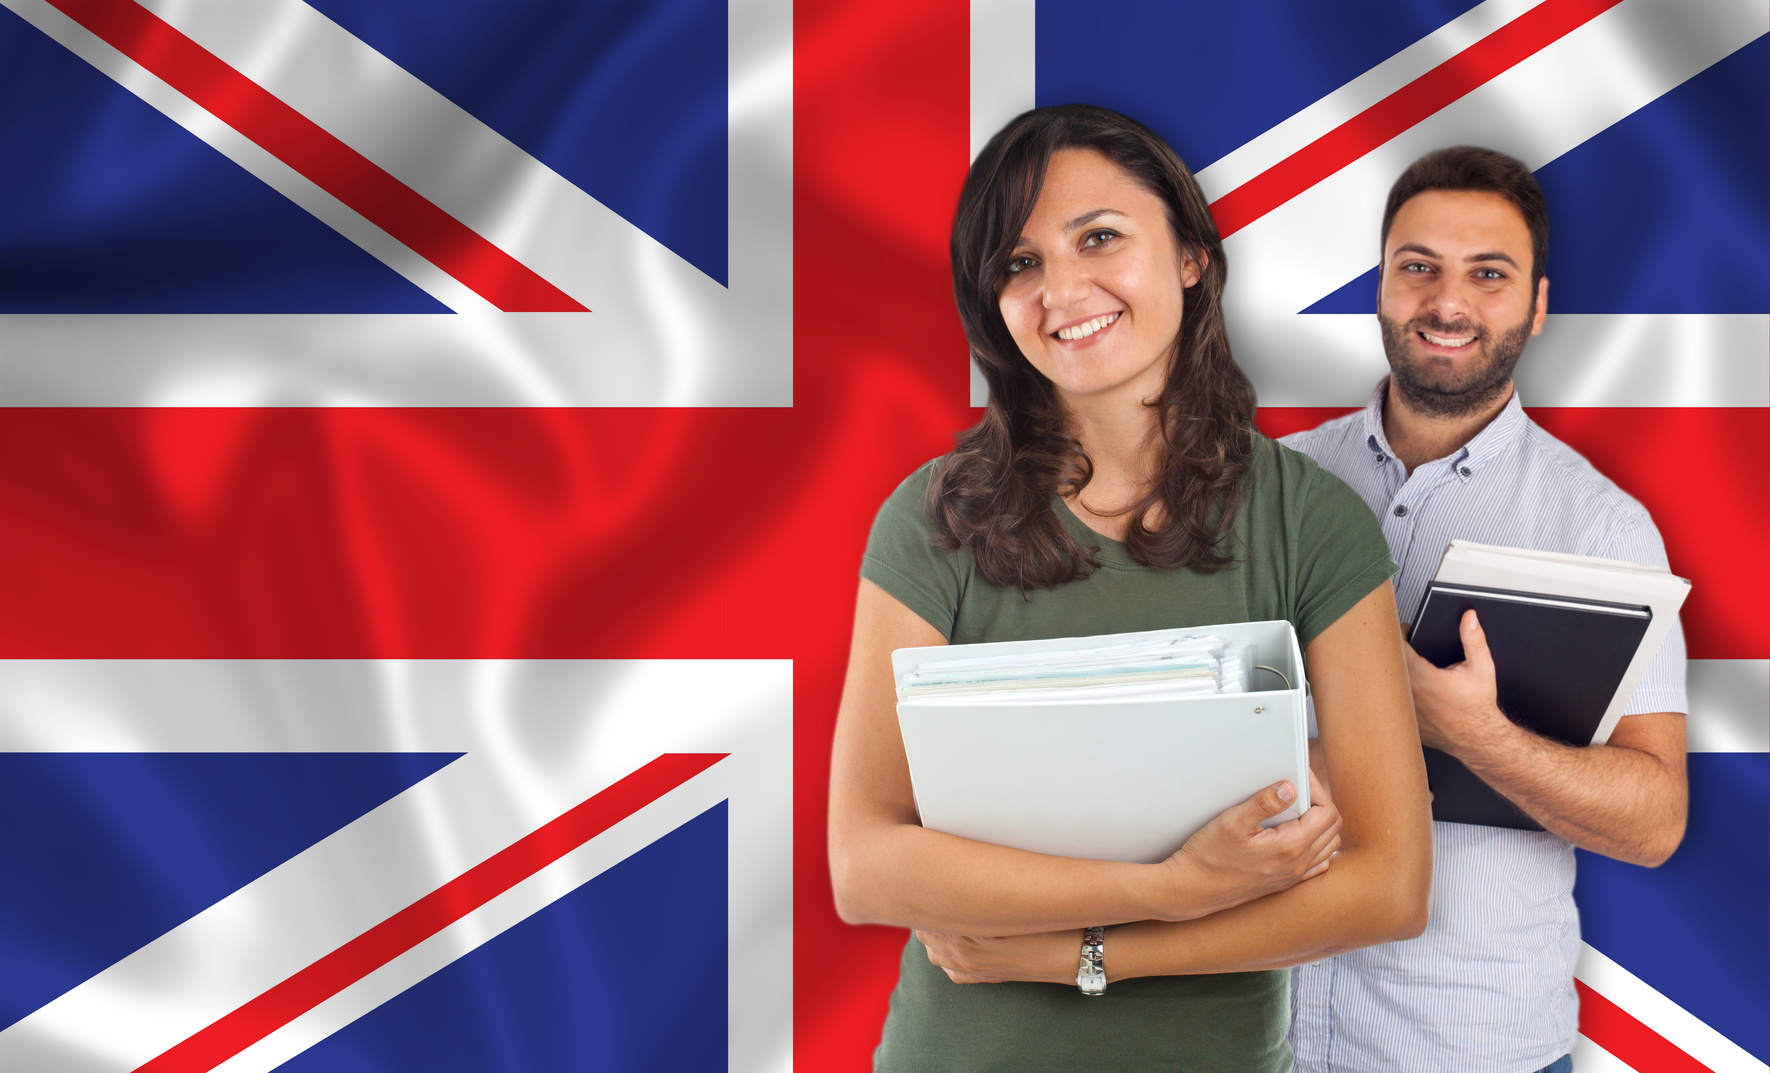 Kursy jezykowe do certyfikatu z angielskiego toruń, ANGIELSKI TORUŃ